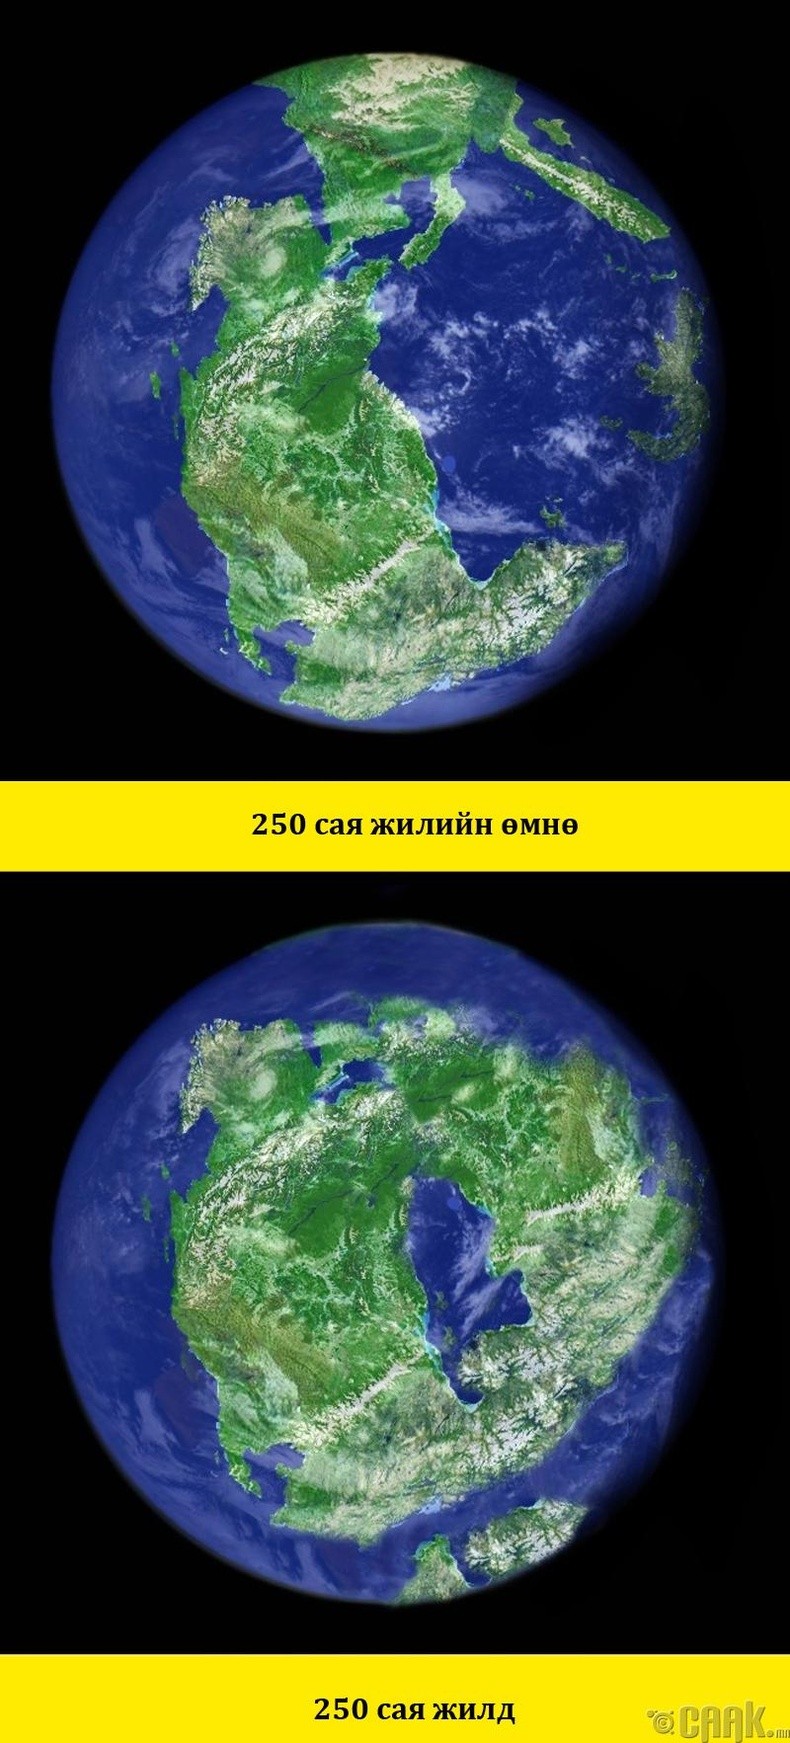 250 сая жилд тивүүд дахин нэгдэнэ